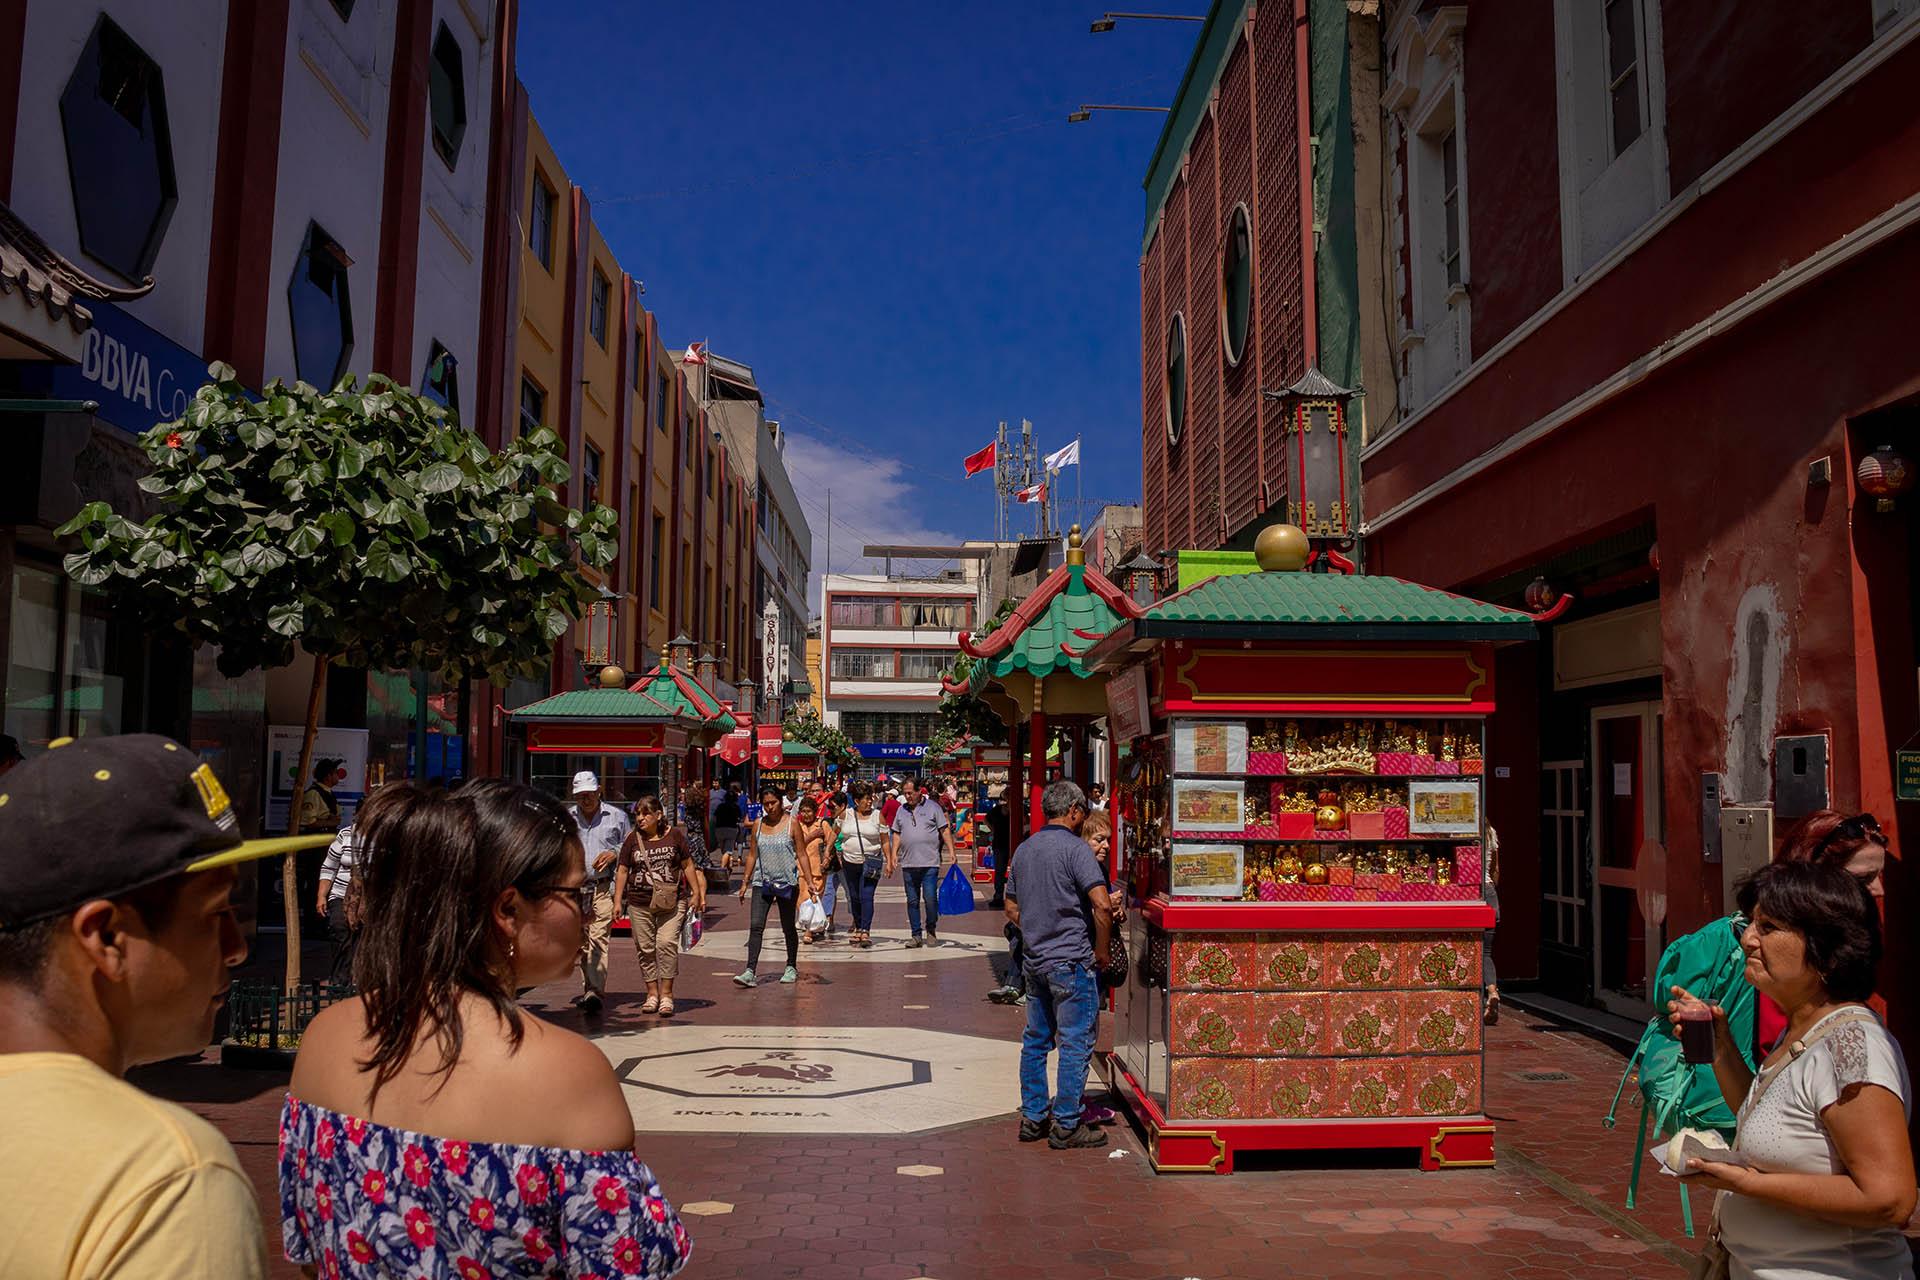 Veel restaurants waar je chifa kunt eten in het Chinatown van Lima in Peru